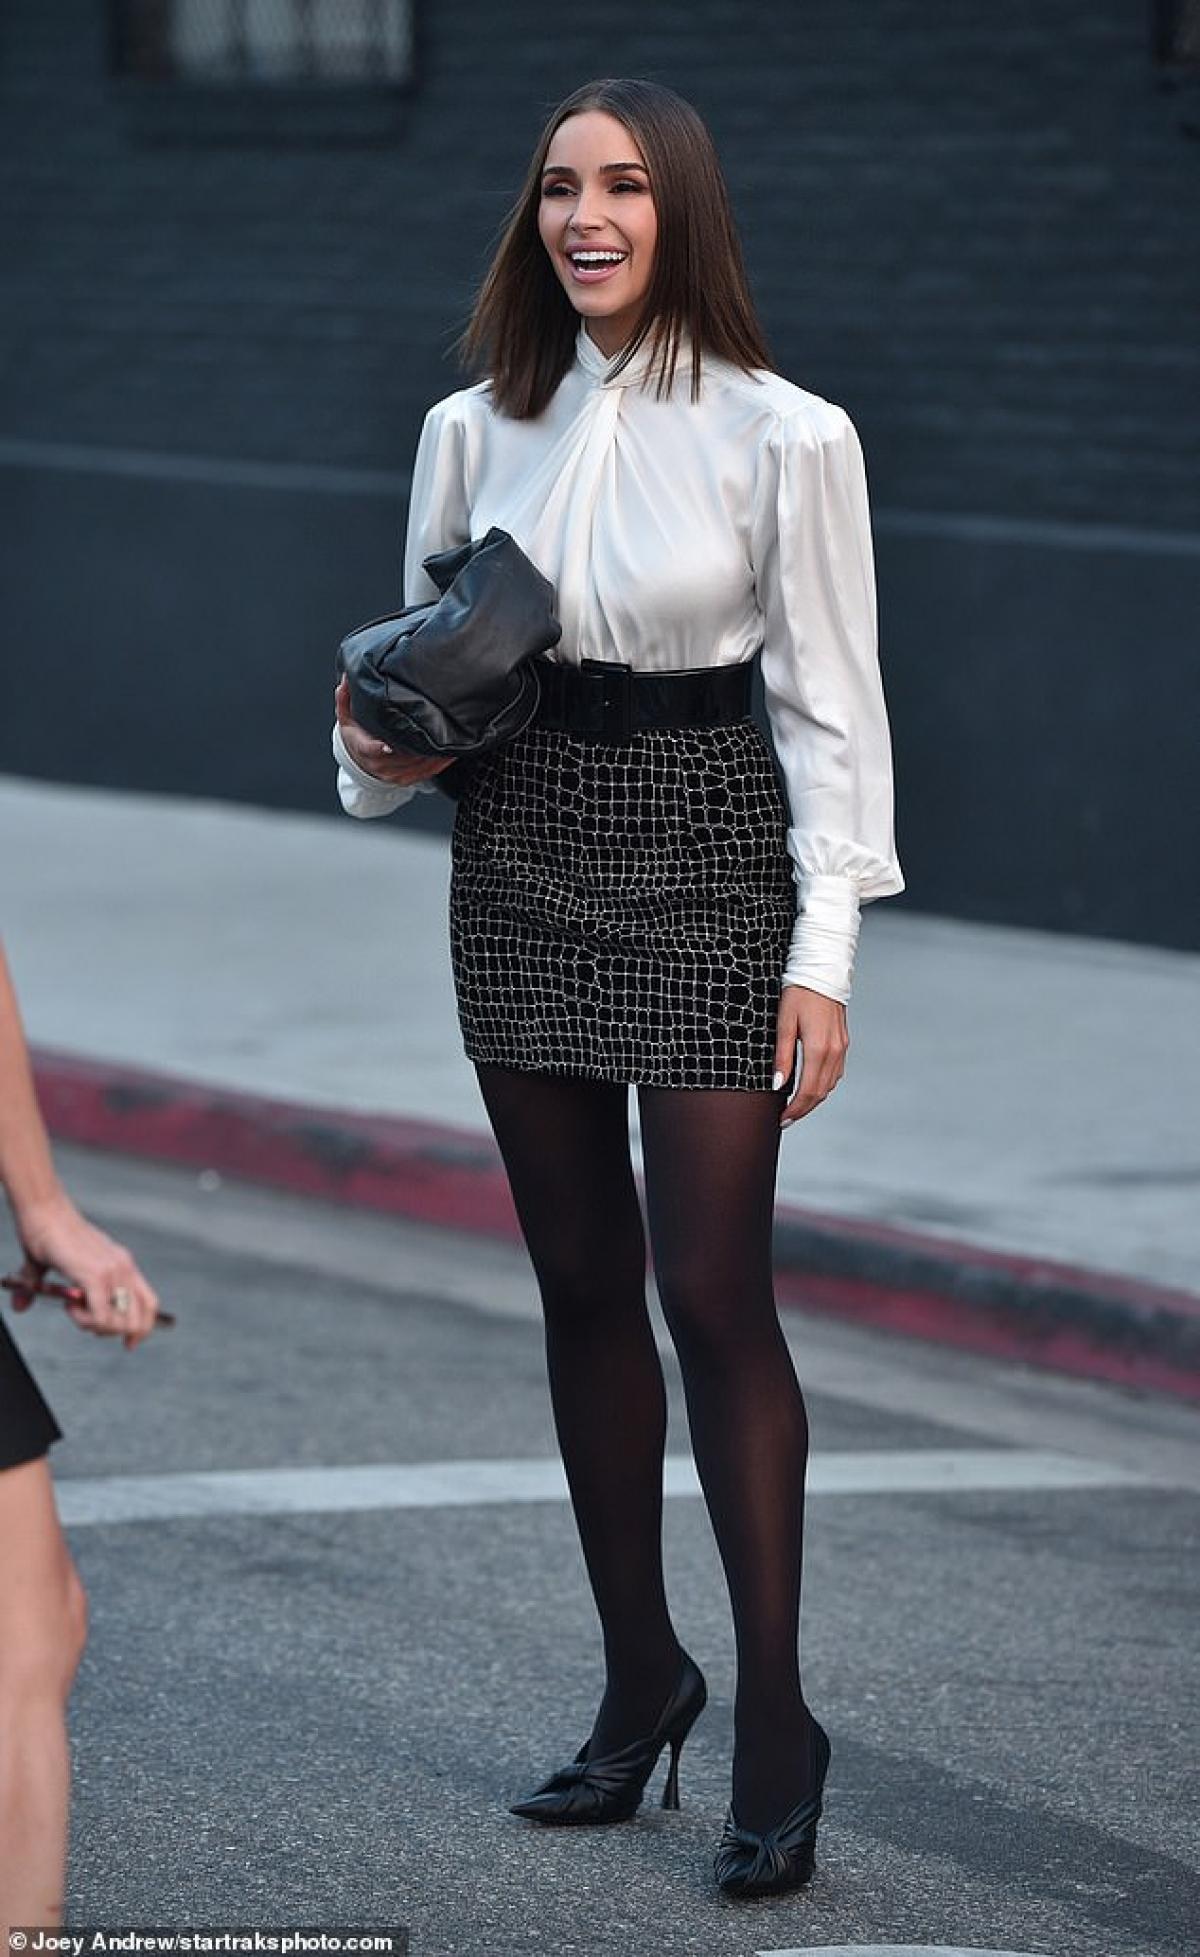 Olivia Culpo được nhận xét ngày càng xinh đẹp, quyến rũ.